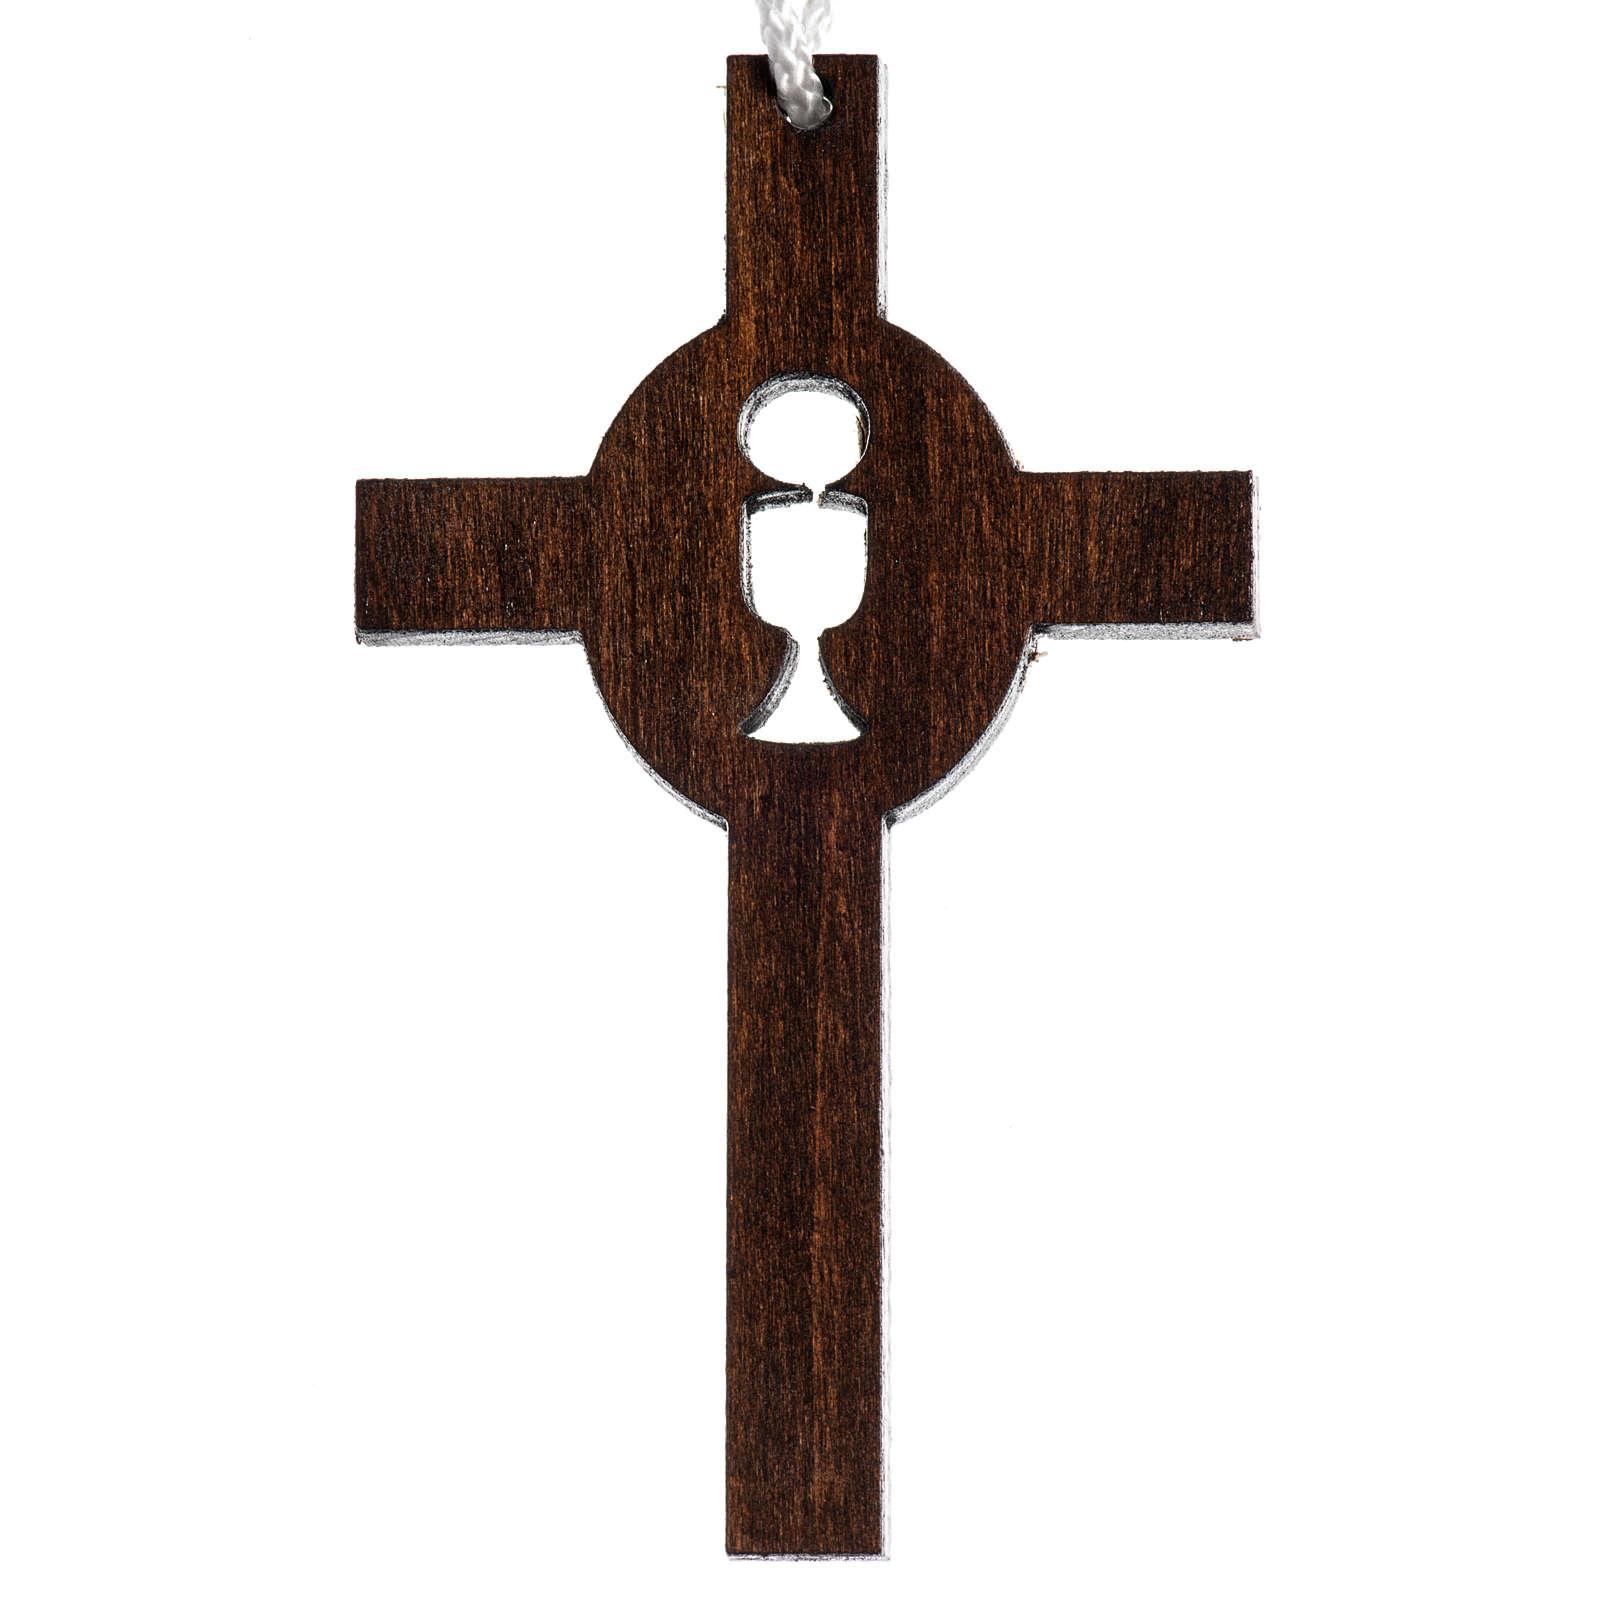 Krzyż drewno ciemne Pierwsza Komunia kielich hostia wycięte 4